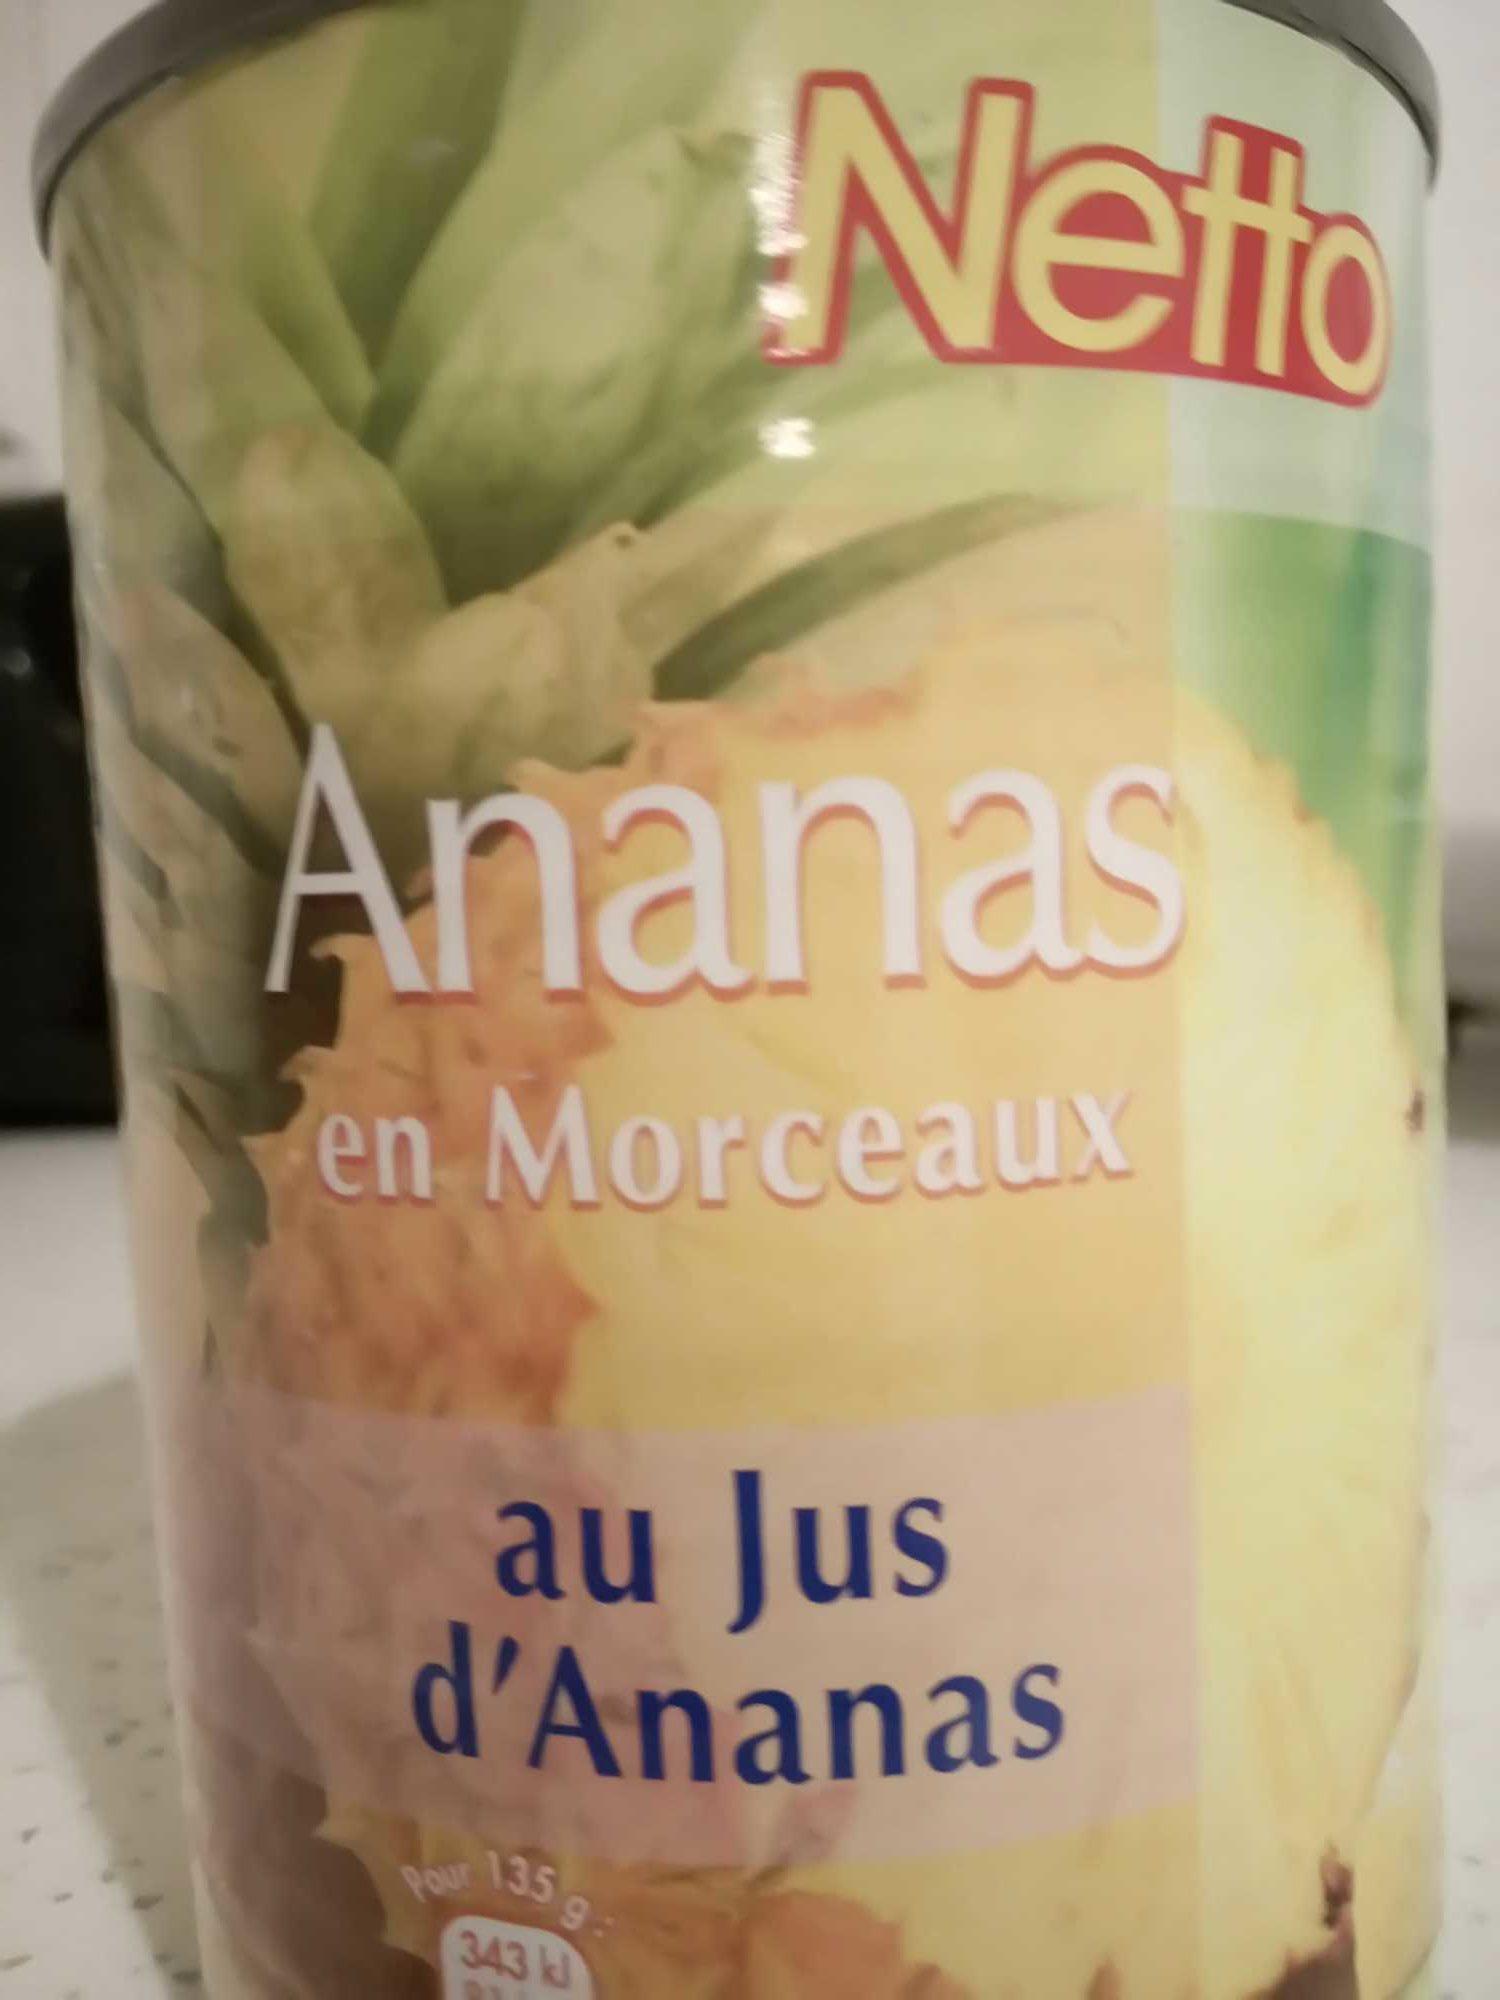 Ananas en morceaux au jus d''ananas - Product - fr